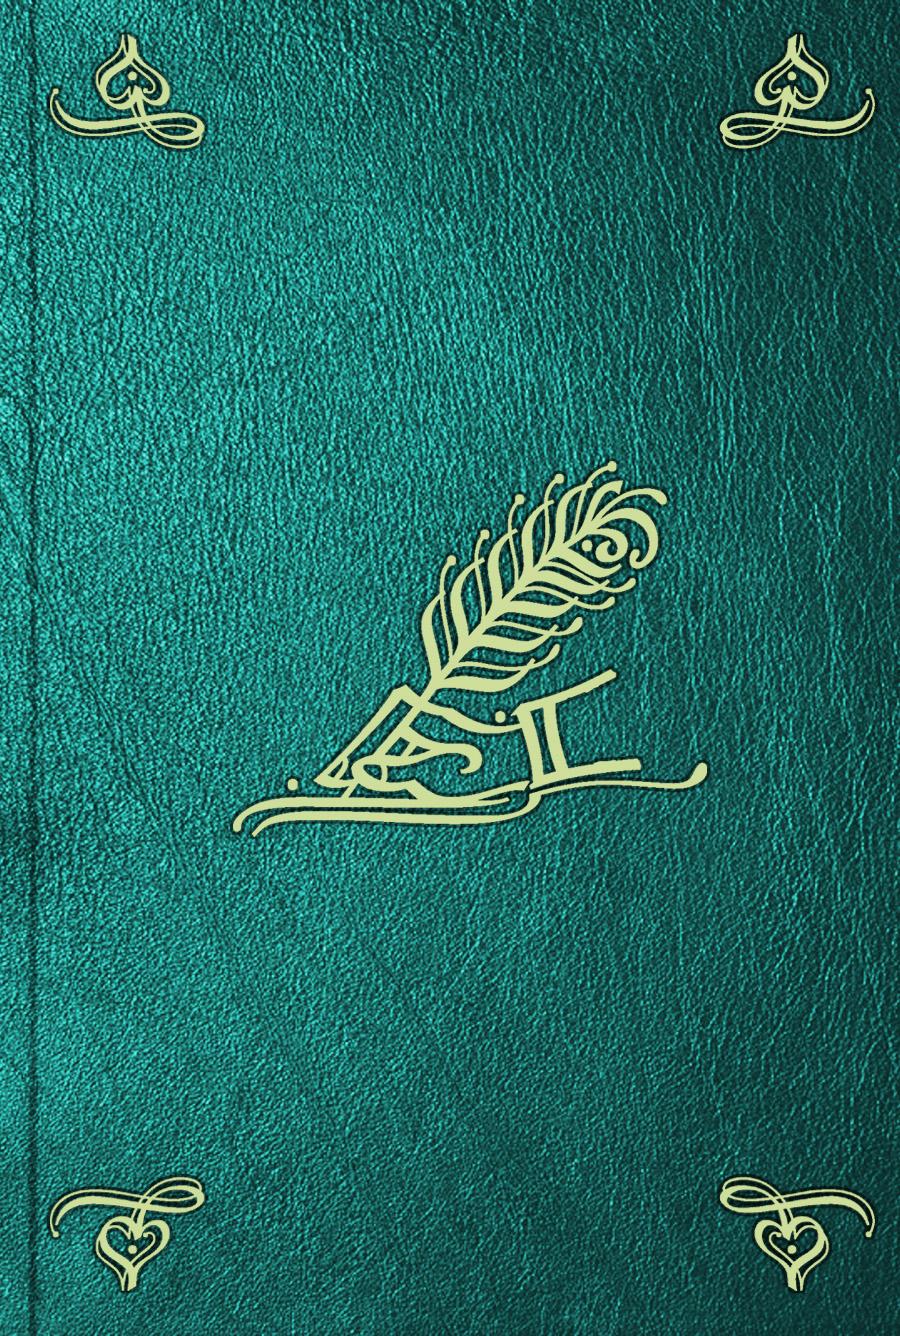 George Annesley Valentia Voyages dans l'Hindoustan, à Ceylon, sur les deux côtes de la Mer rouge, en Abyssinie et en Égypte, durant les années 1802, 1803, 1804, 1805 et 1806. T. 3 martin sauer voyage fait par ordre de l imperatrice de russie catherine ii dans le nord de la russie asiatique dans la mer glaciale dans la mer d anadyr et sur les cotes de l amerique t 1